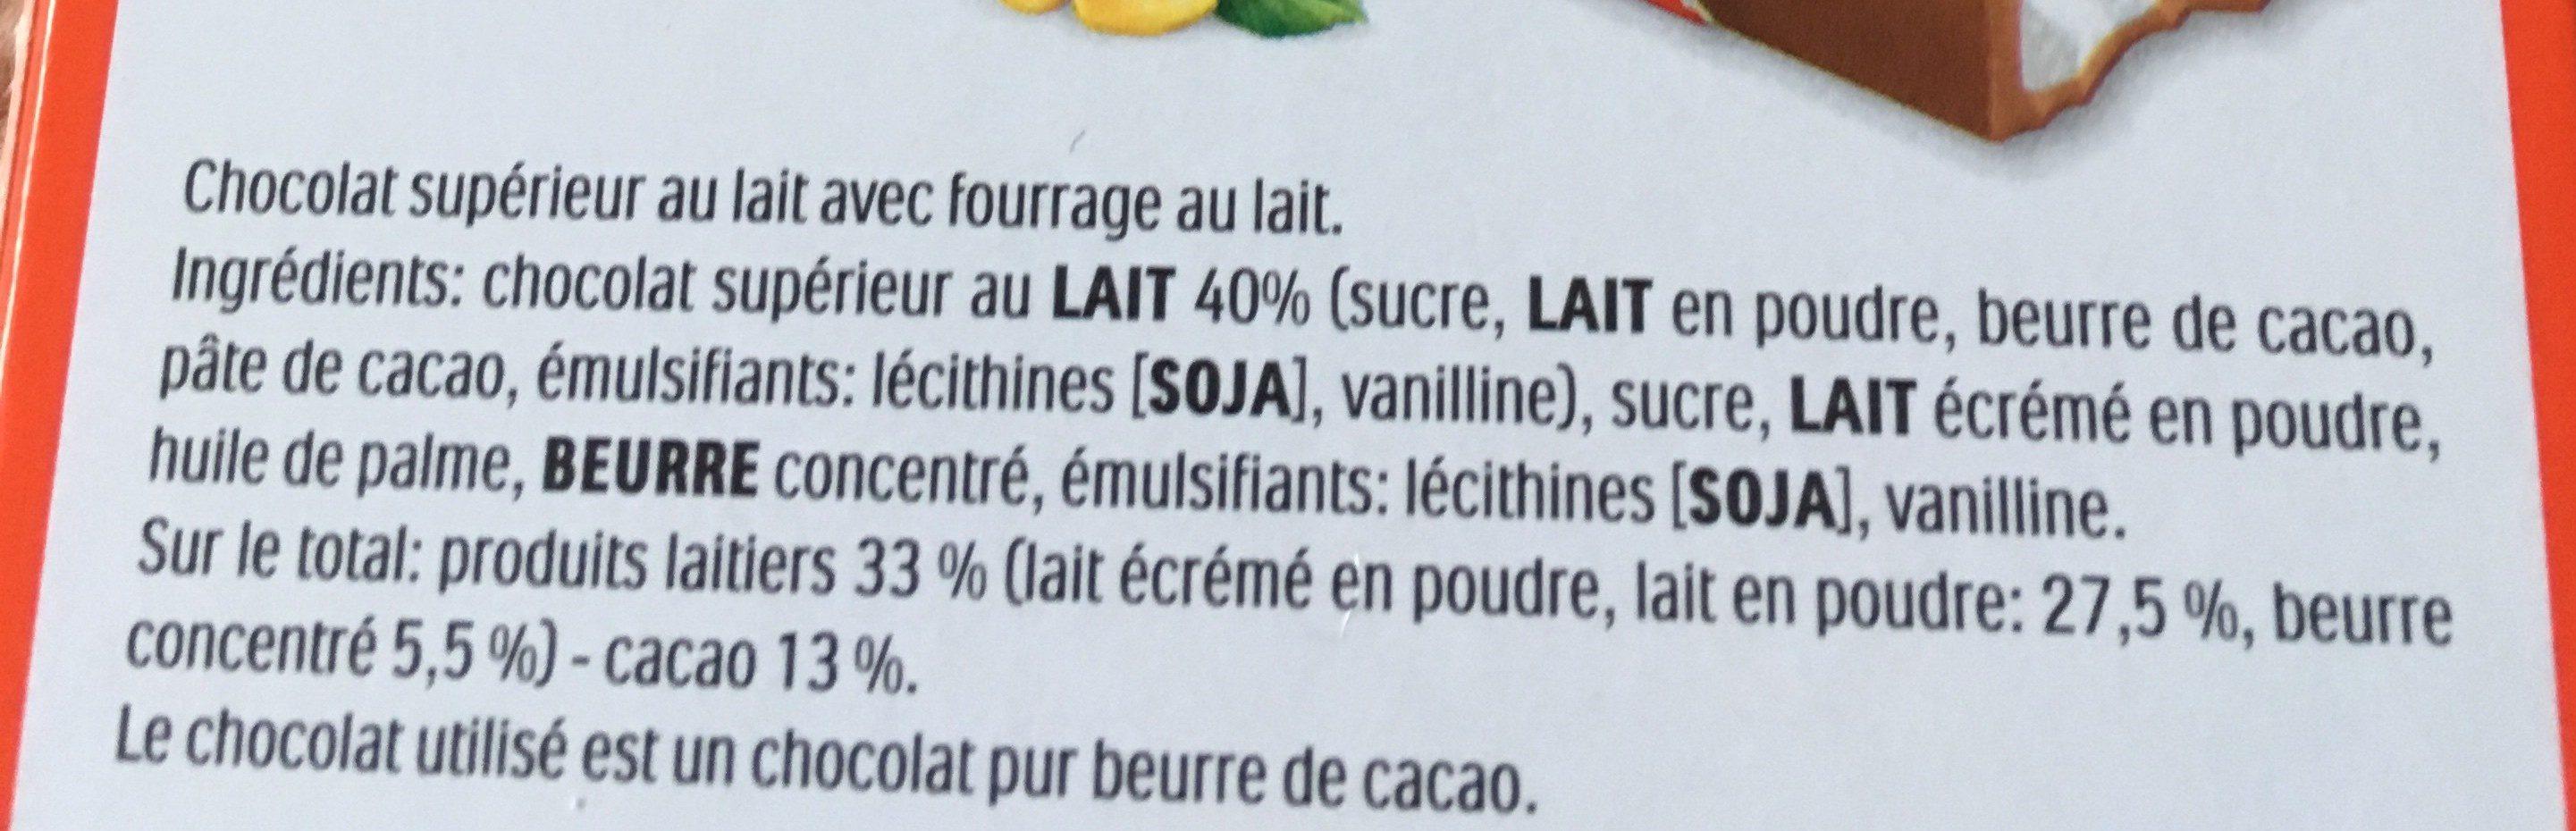 Kinder chocolat t24 mezzo metro demi metre - Ingredienti - fr